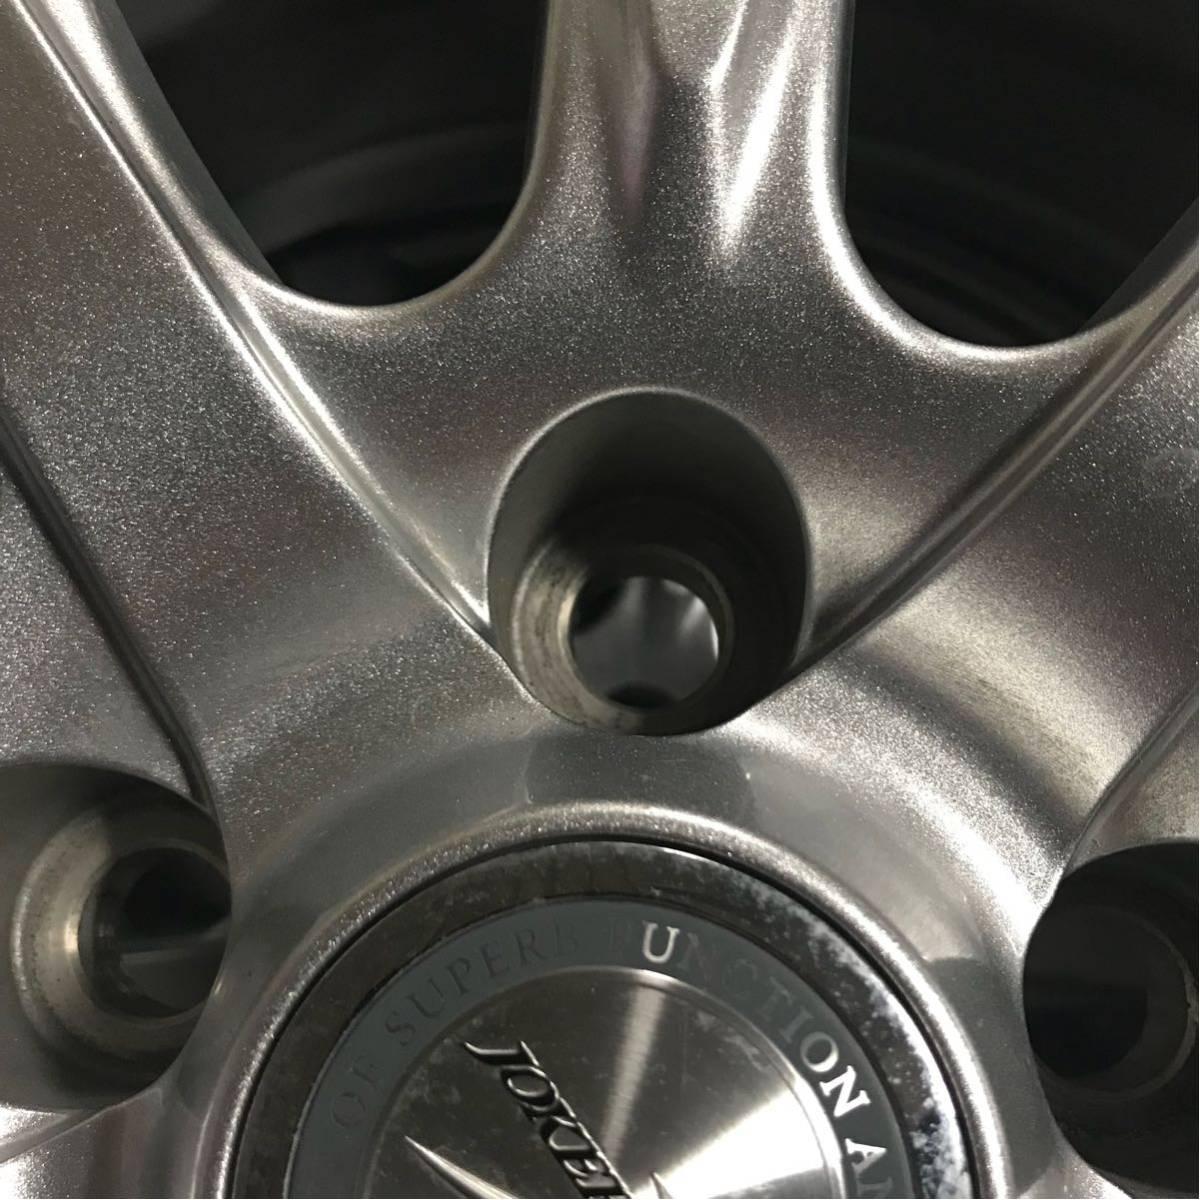 ブリジストン ブリザック REVO GZ 215/65R16 スタッドレスタイヤ ホイール 4本セット アルファード ヴェルファイア トヨタ純正ナット 対応_画像3